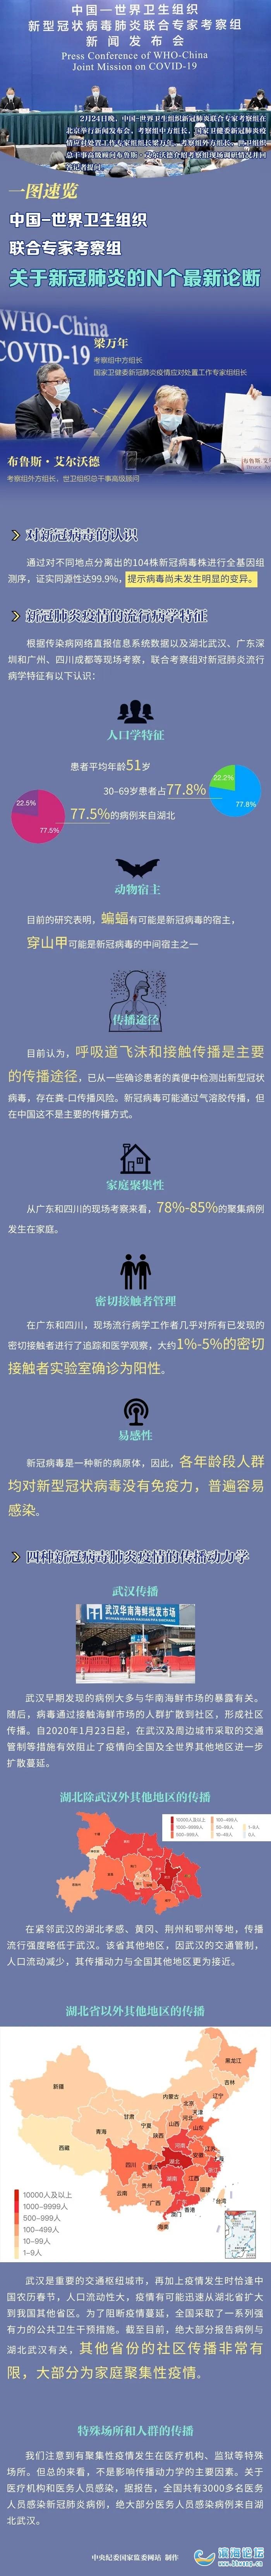 关于新冠肺炎,中国-世界卫生组织联合专家考察组的N个最新论断